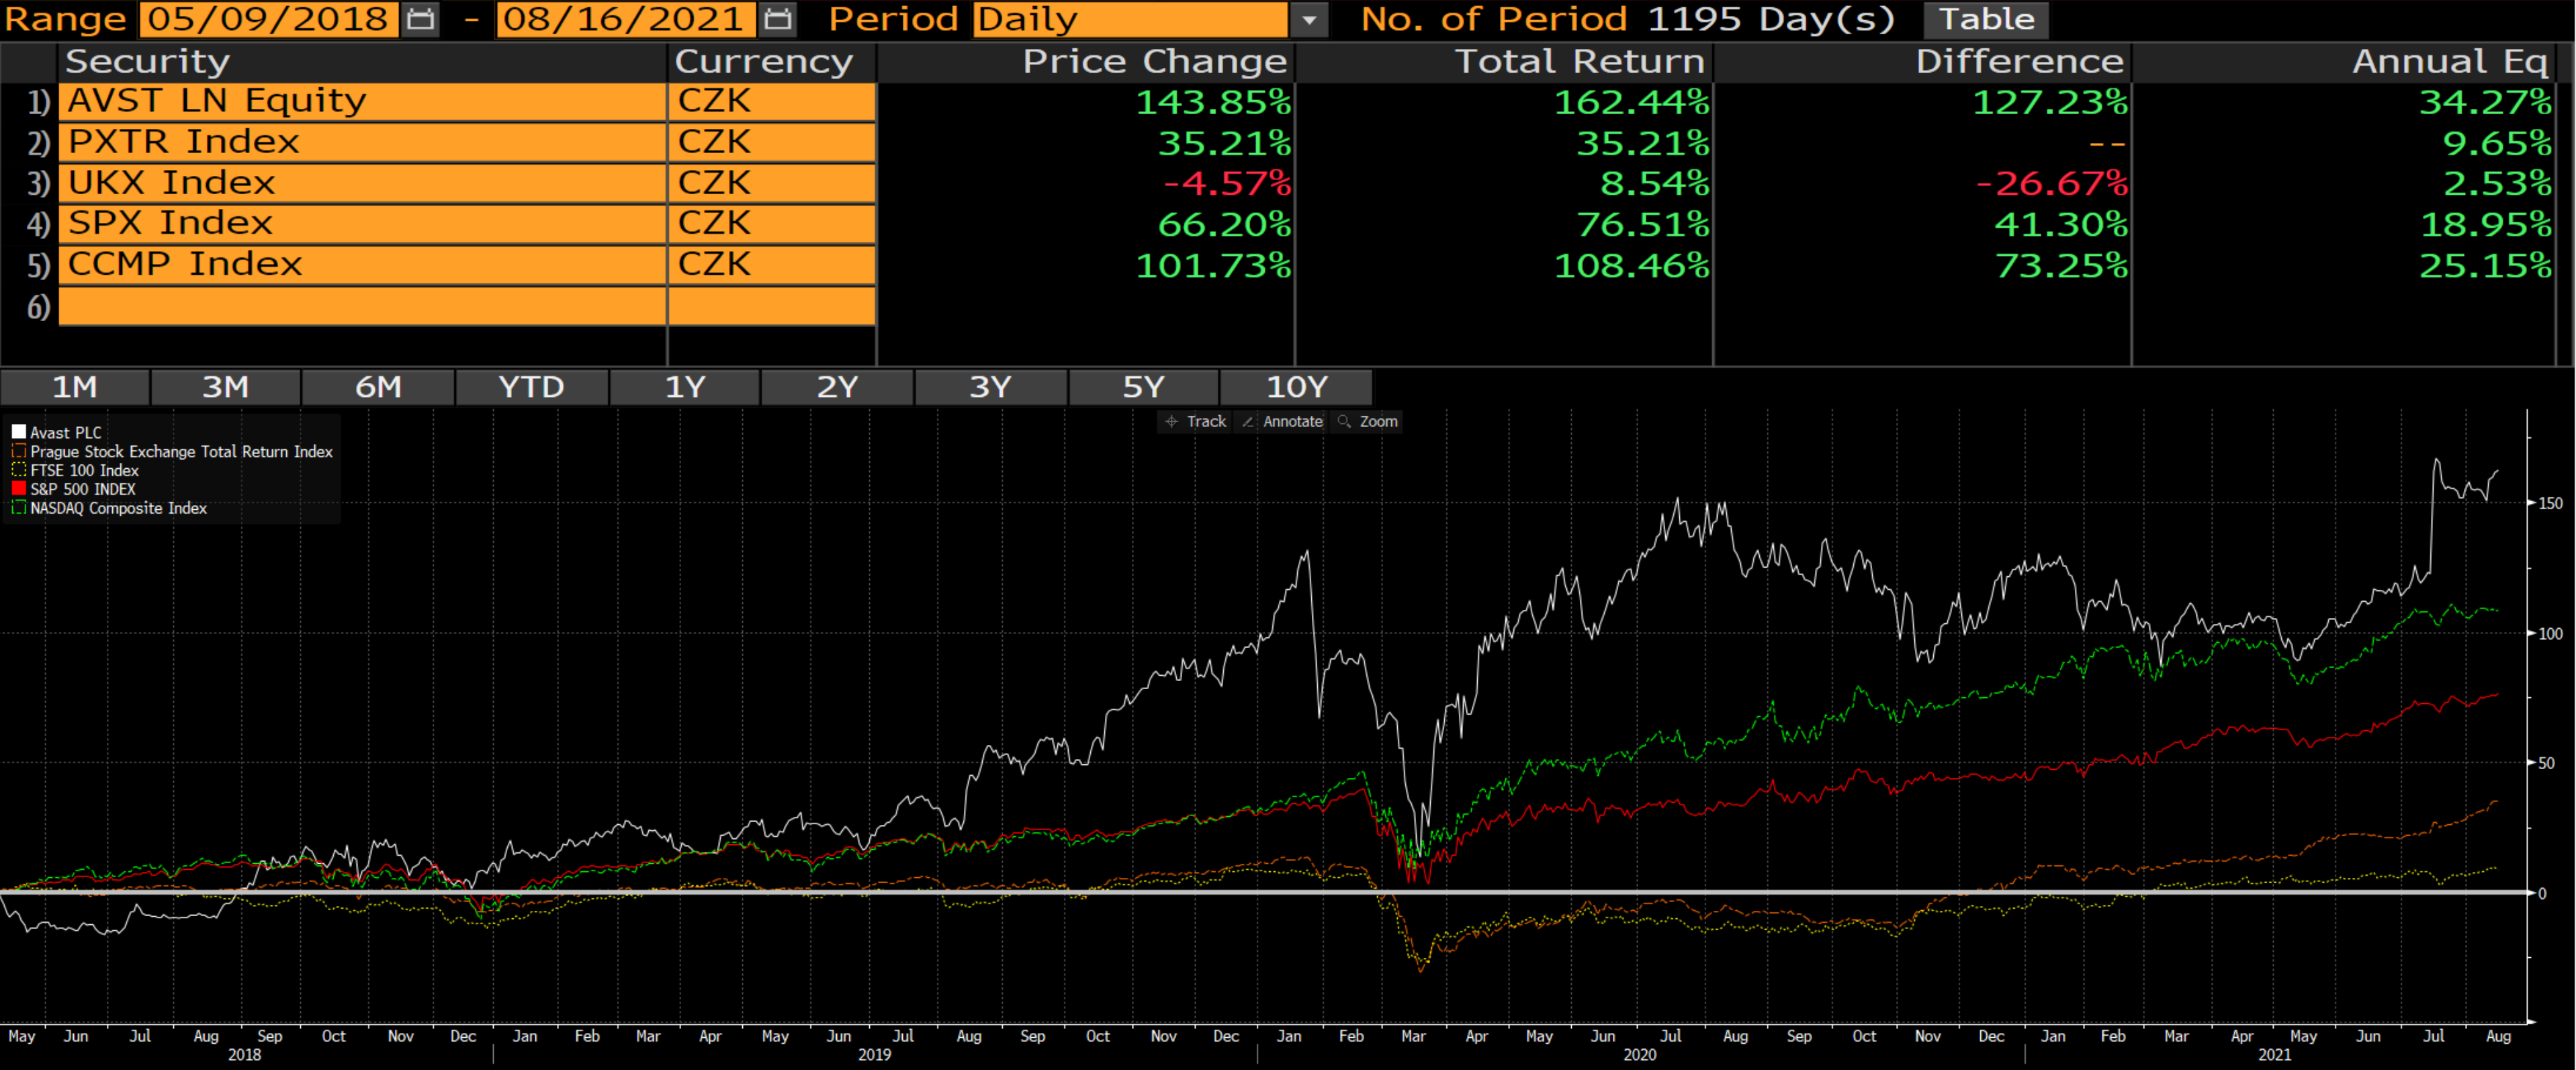 Výkonnost akcií Avast (bílá) v porovnání s indexem PX (oranžová), S&P 500 (červená), FTSE 100 (žlutá) a Nasdaq Composite (zelená)